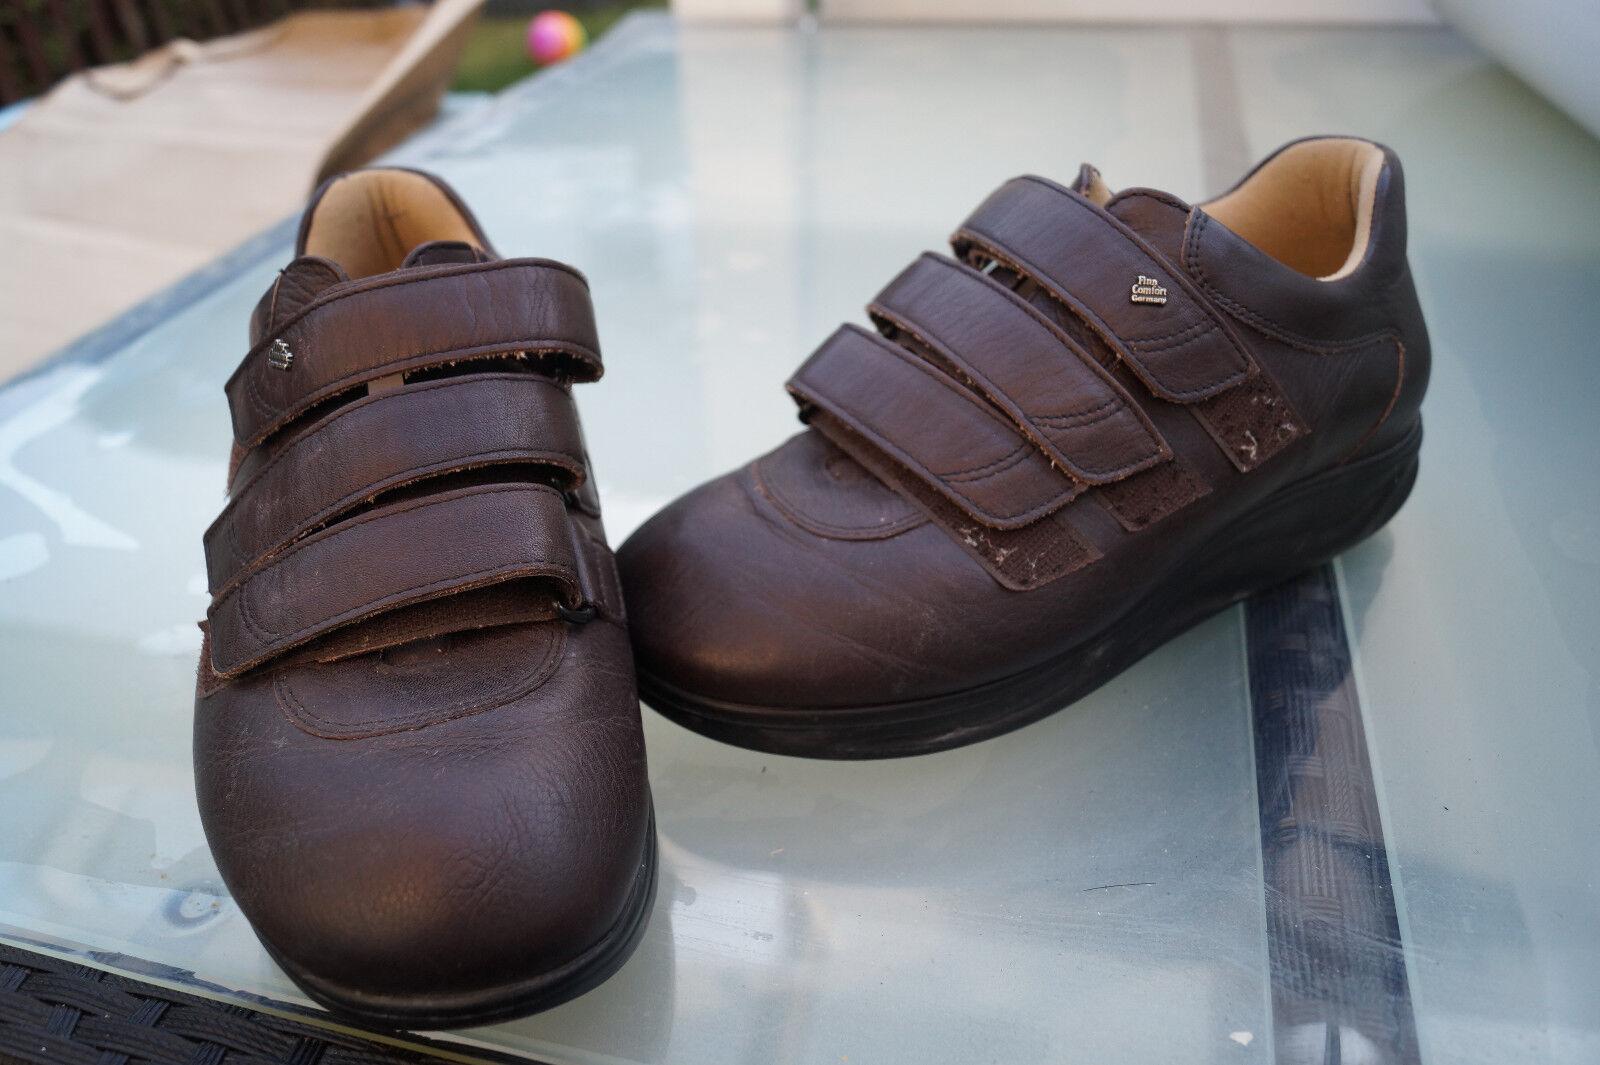 Finn braun Comfort Zapatos Prophylaxe Diabetiker Gr.7,5/  41 Leder braun Finn Klett V TOP #8 9e8b5a